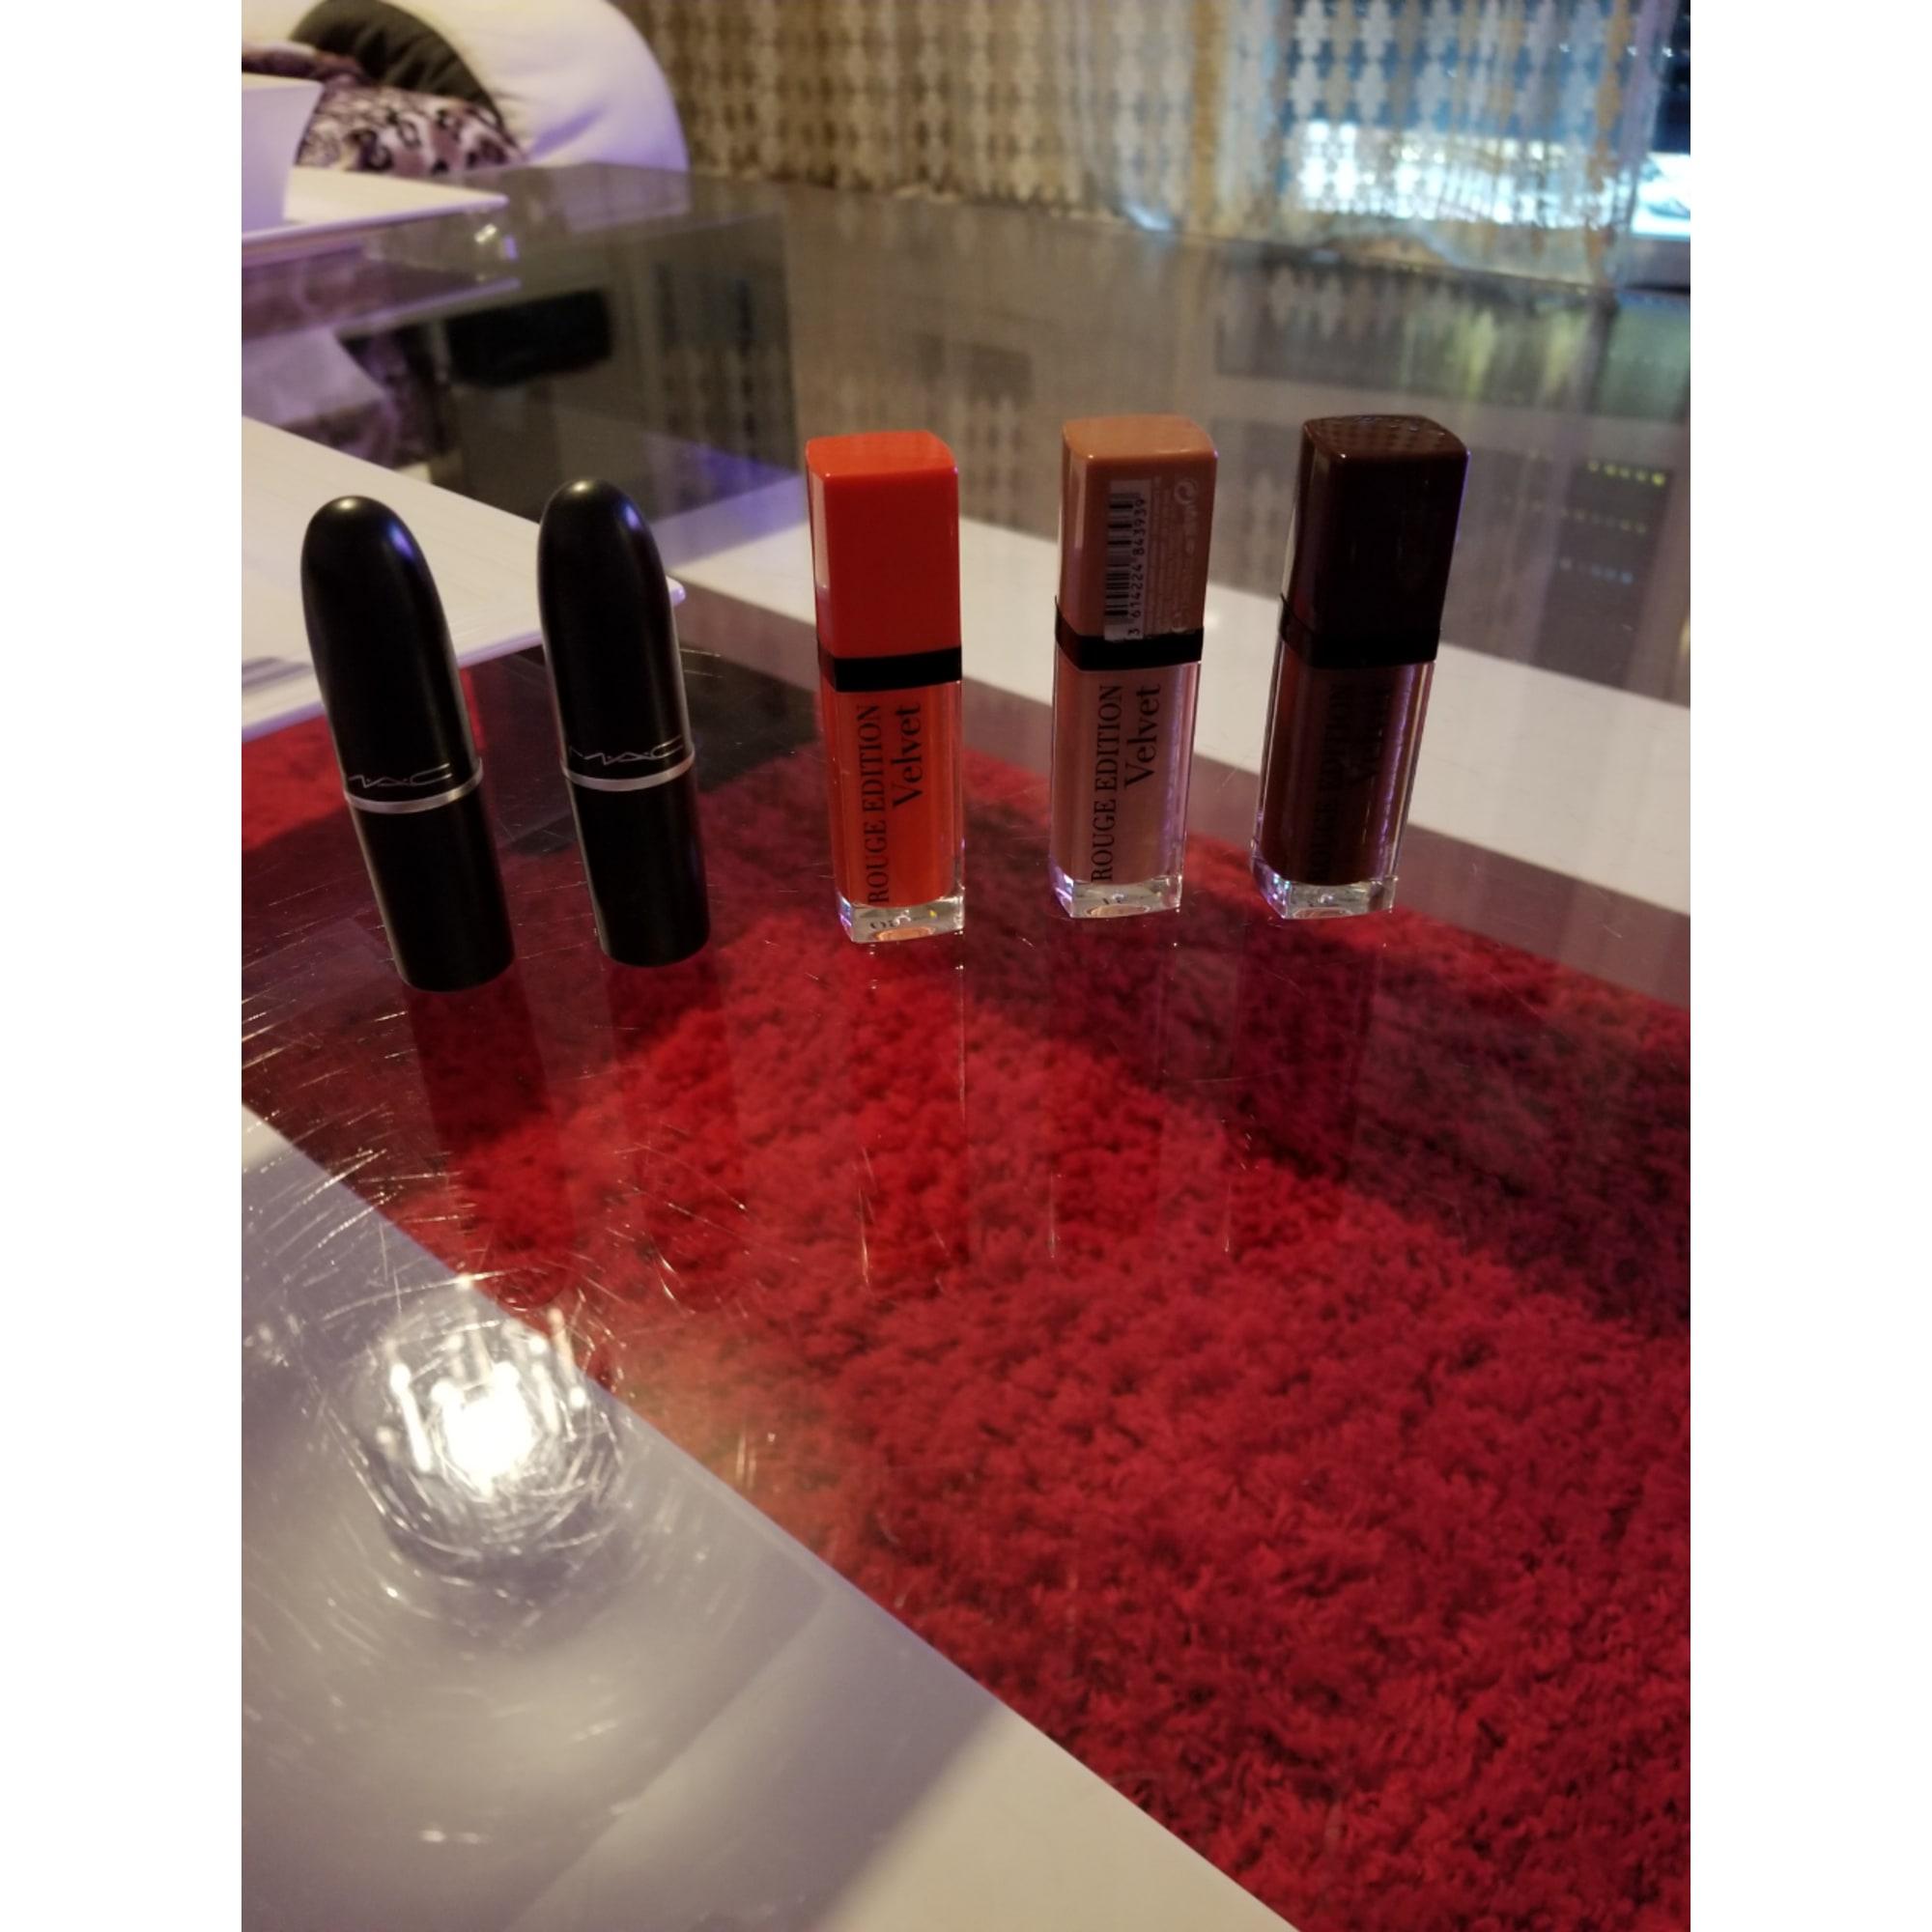 Rouge à lèvres MAC COSMETICS plusieurs couleurs